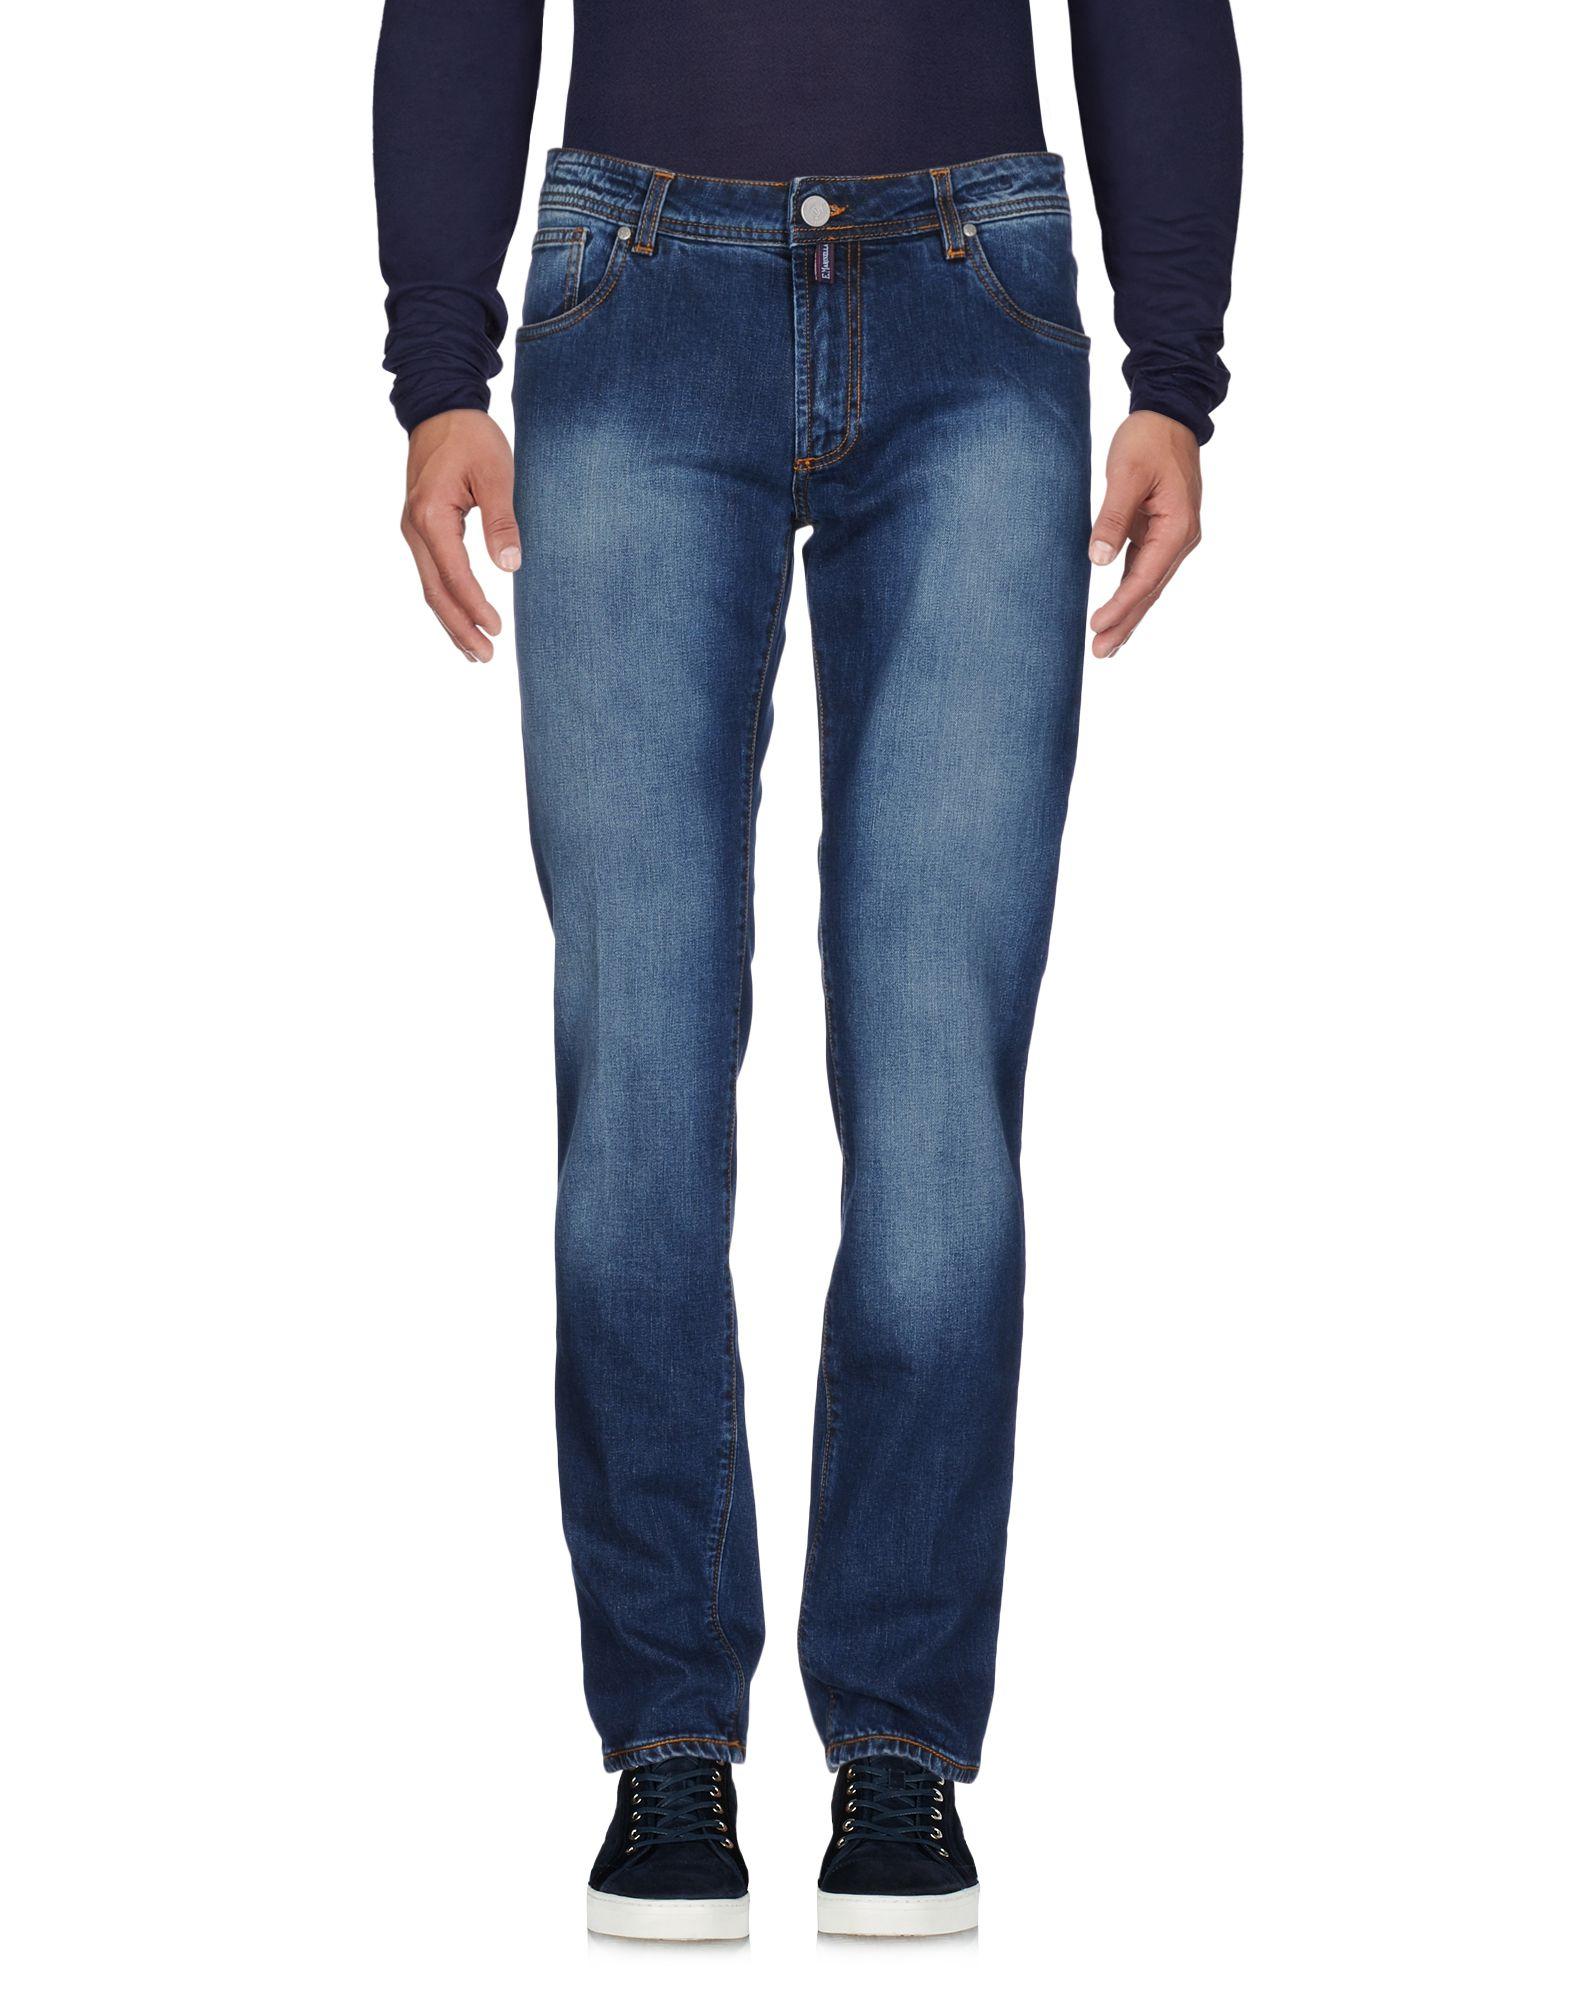 《期間限定 セール開催中》E.MARINELLA メンズ ジーンズ ブルー 46 コットン 98% / ポリウレタン 2%